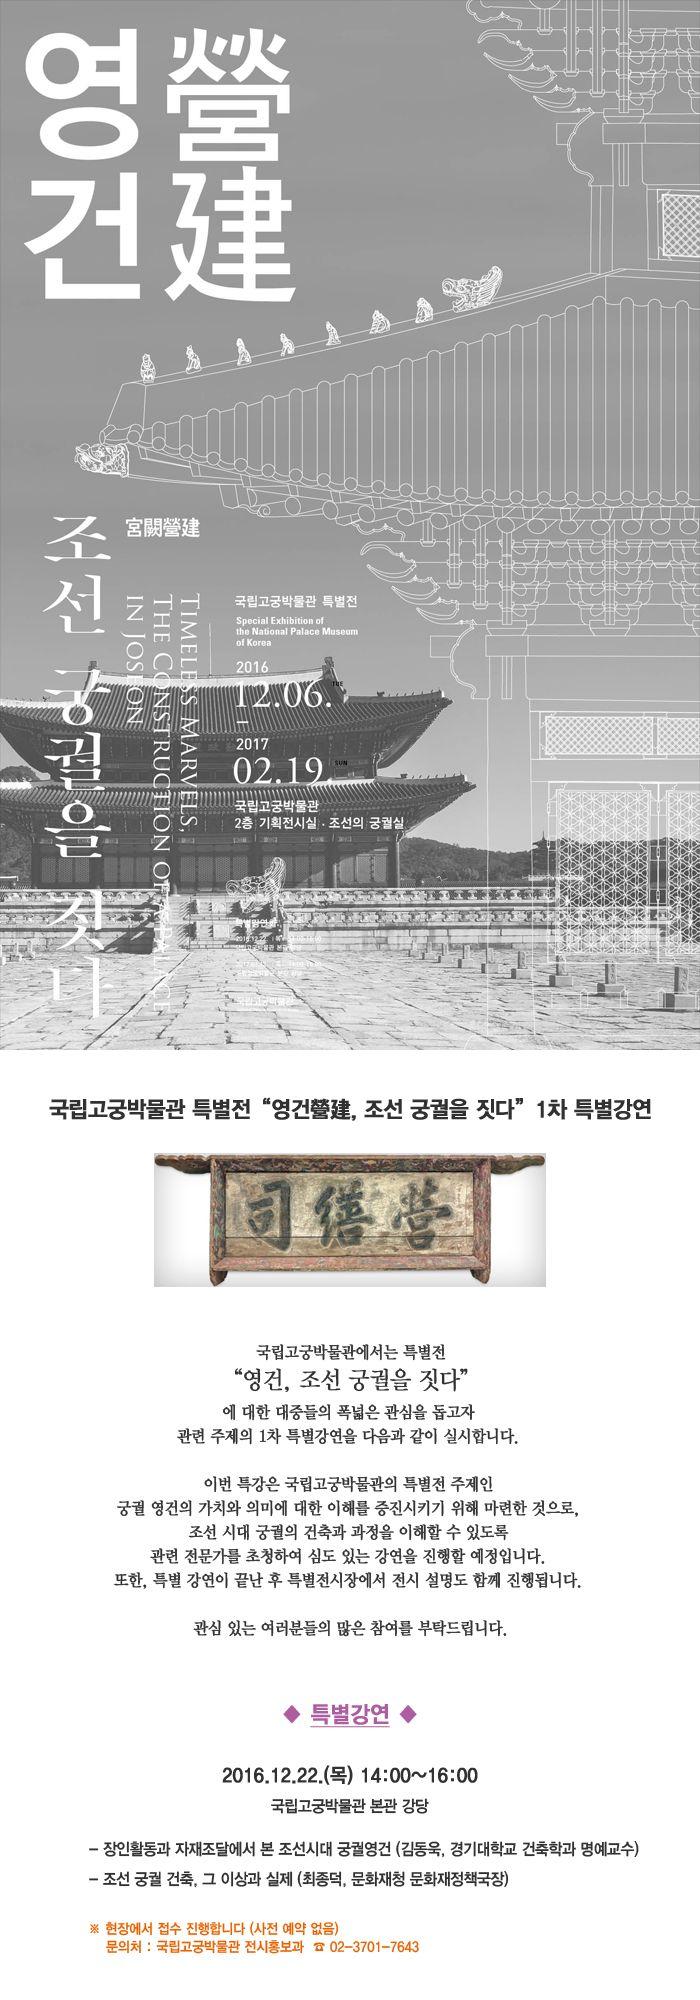 """국립고궁박물관 특별전 """"영건營建, 조선 궁궐을 짓다"""" 1차 특별강연(63)"""